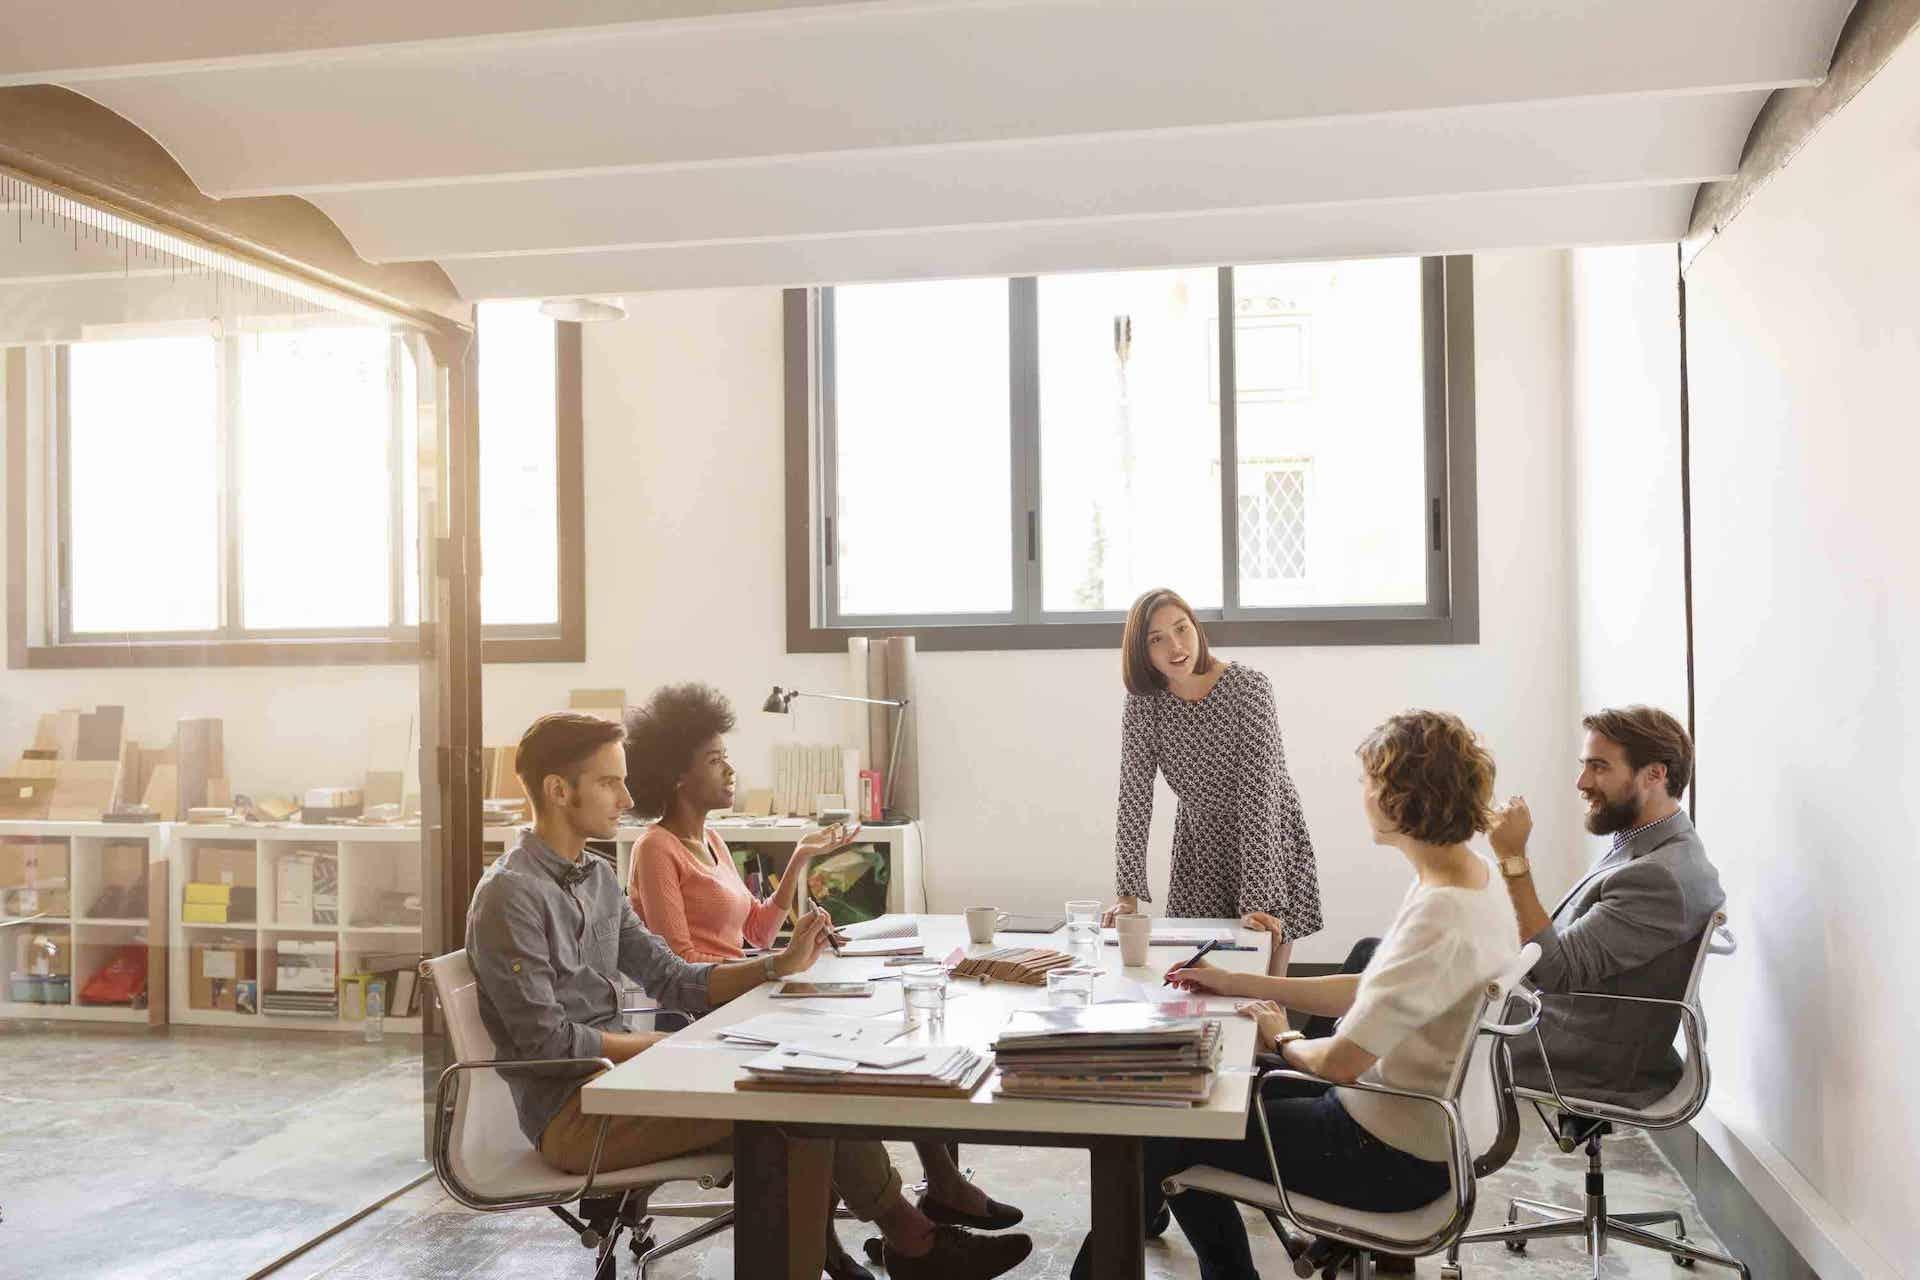 Conheça 3 benefícios do trabalho em grupo para a organização